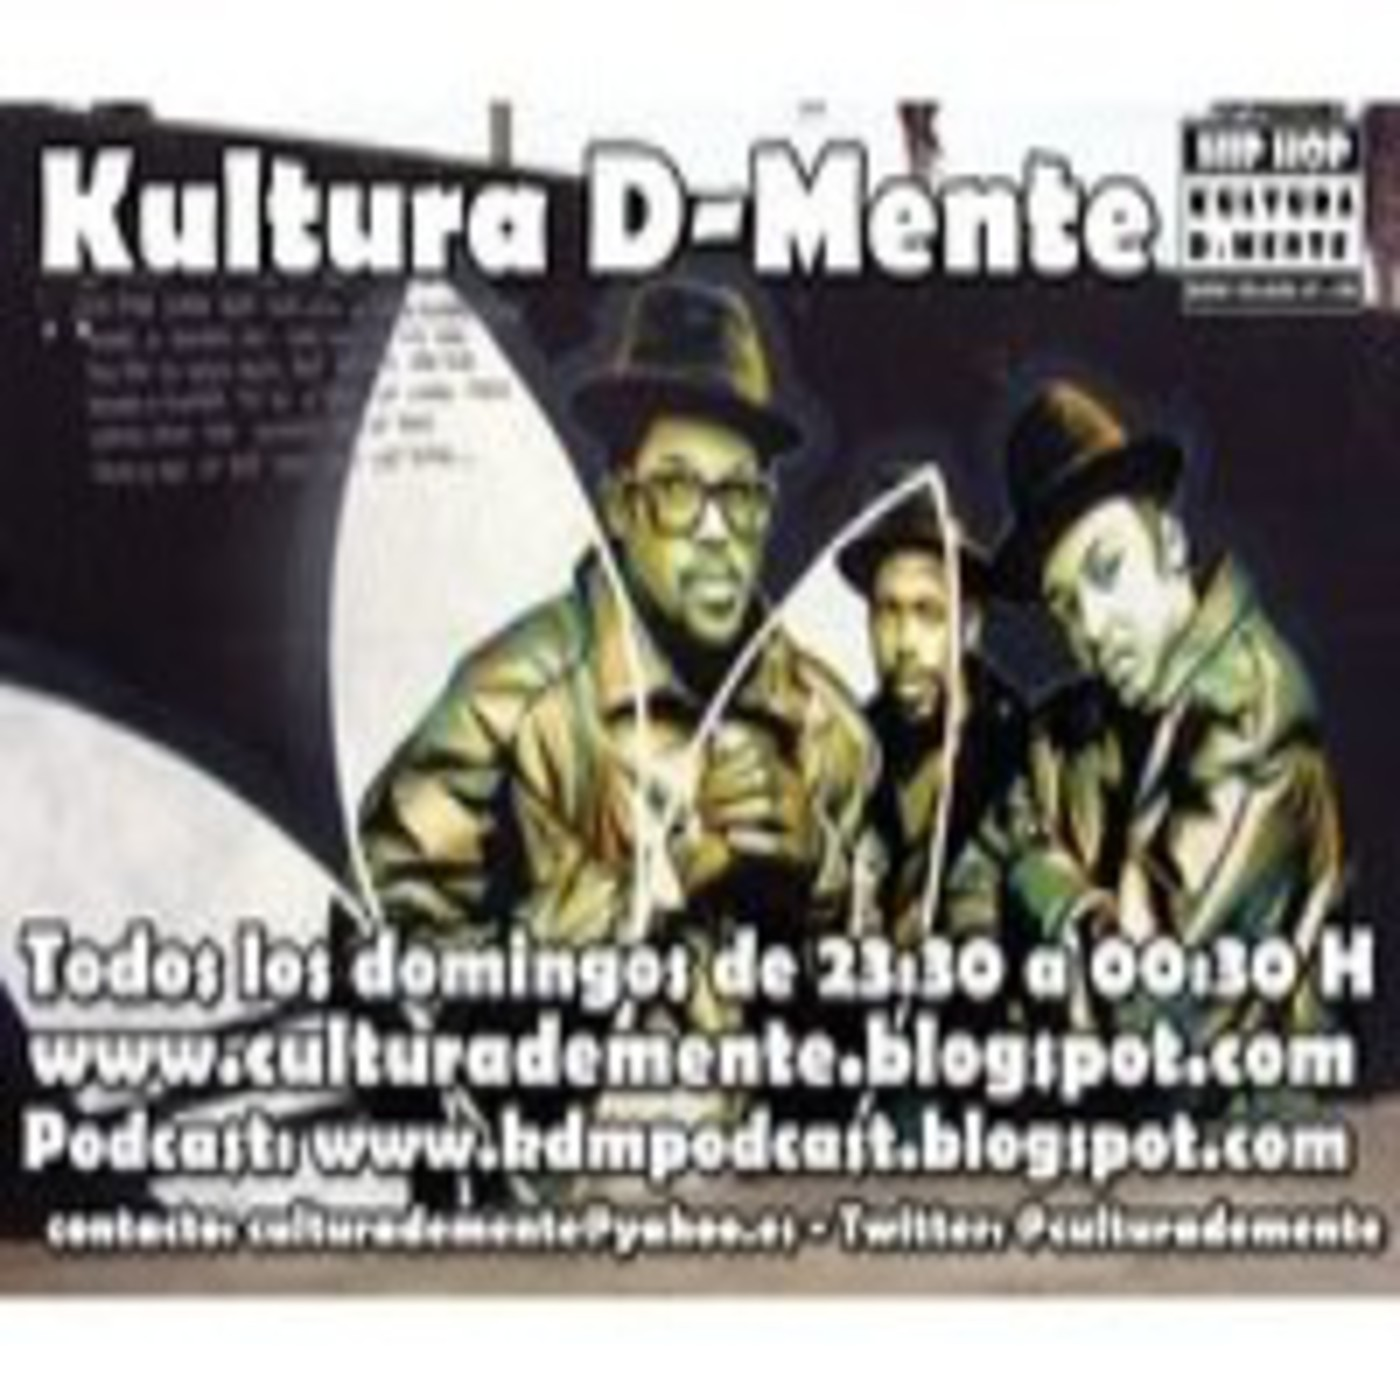 Kultura D-Mente 23/03/2014 25x08 Public Enemy (Parte 1) + El Sr Rojo 'M.A.D.R.I.D. En el centro'